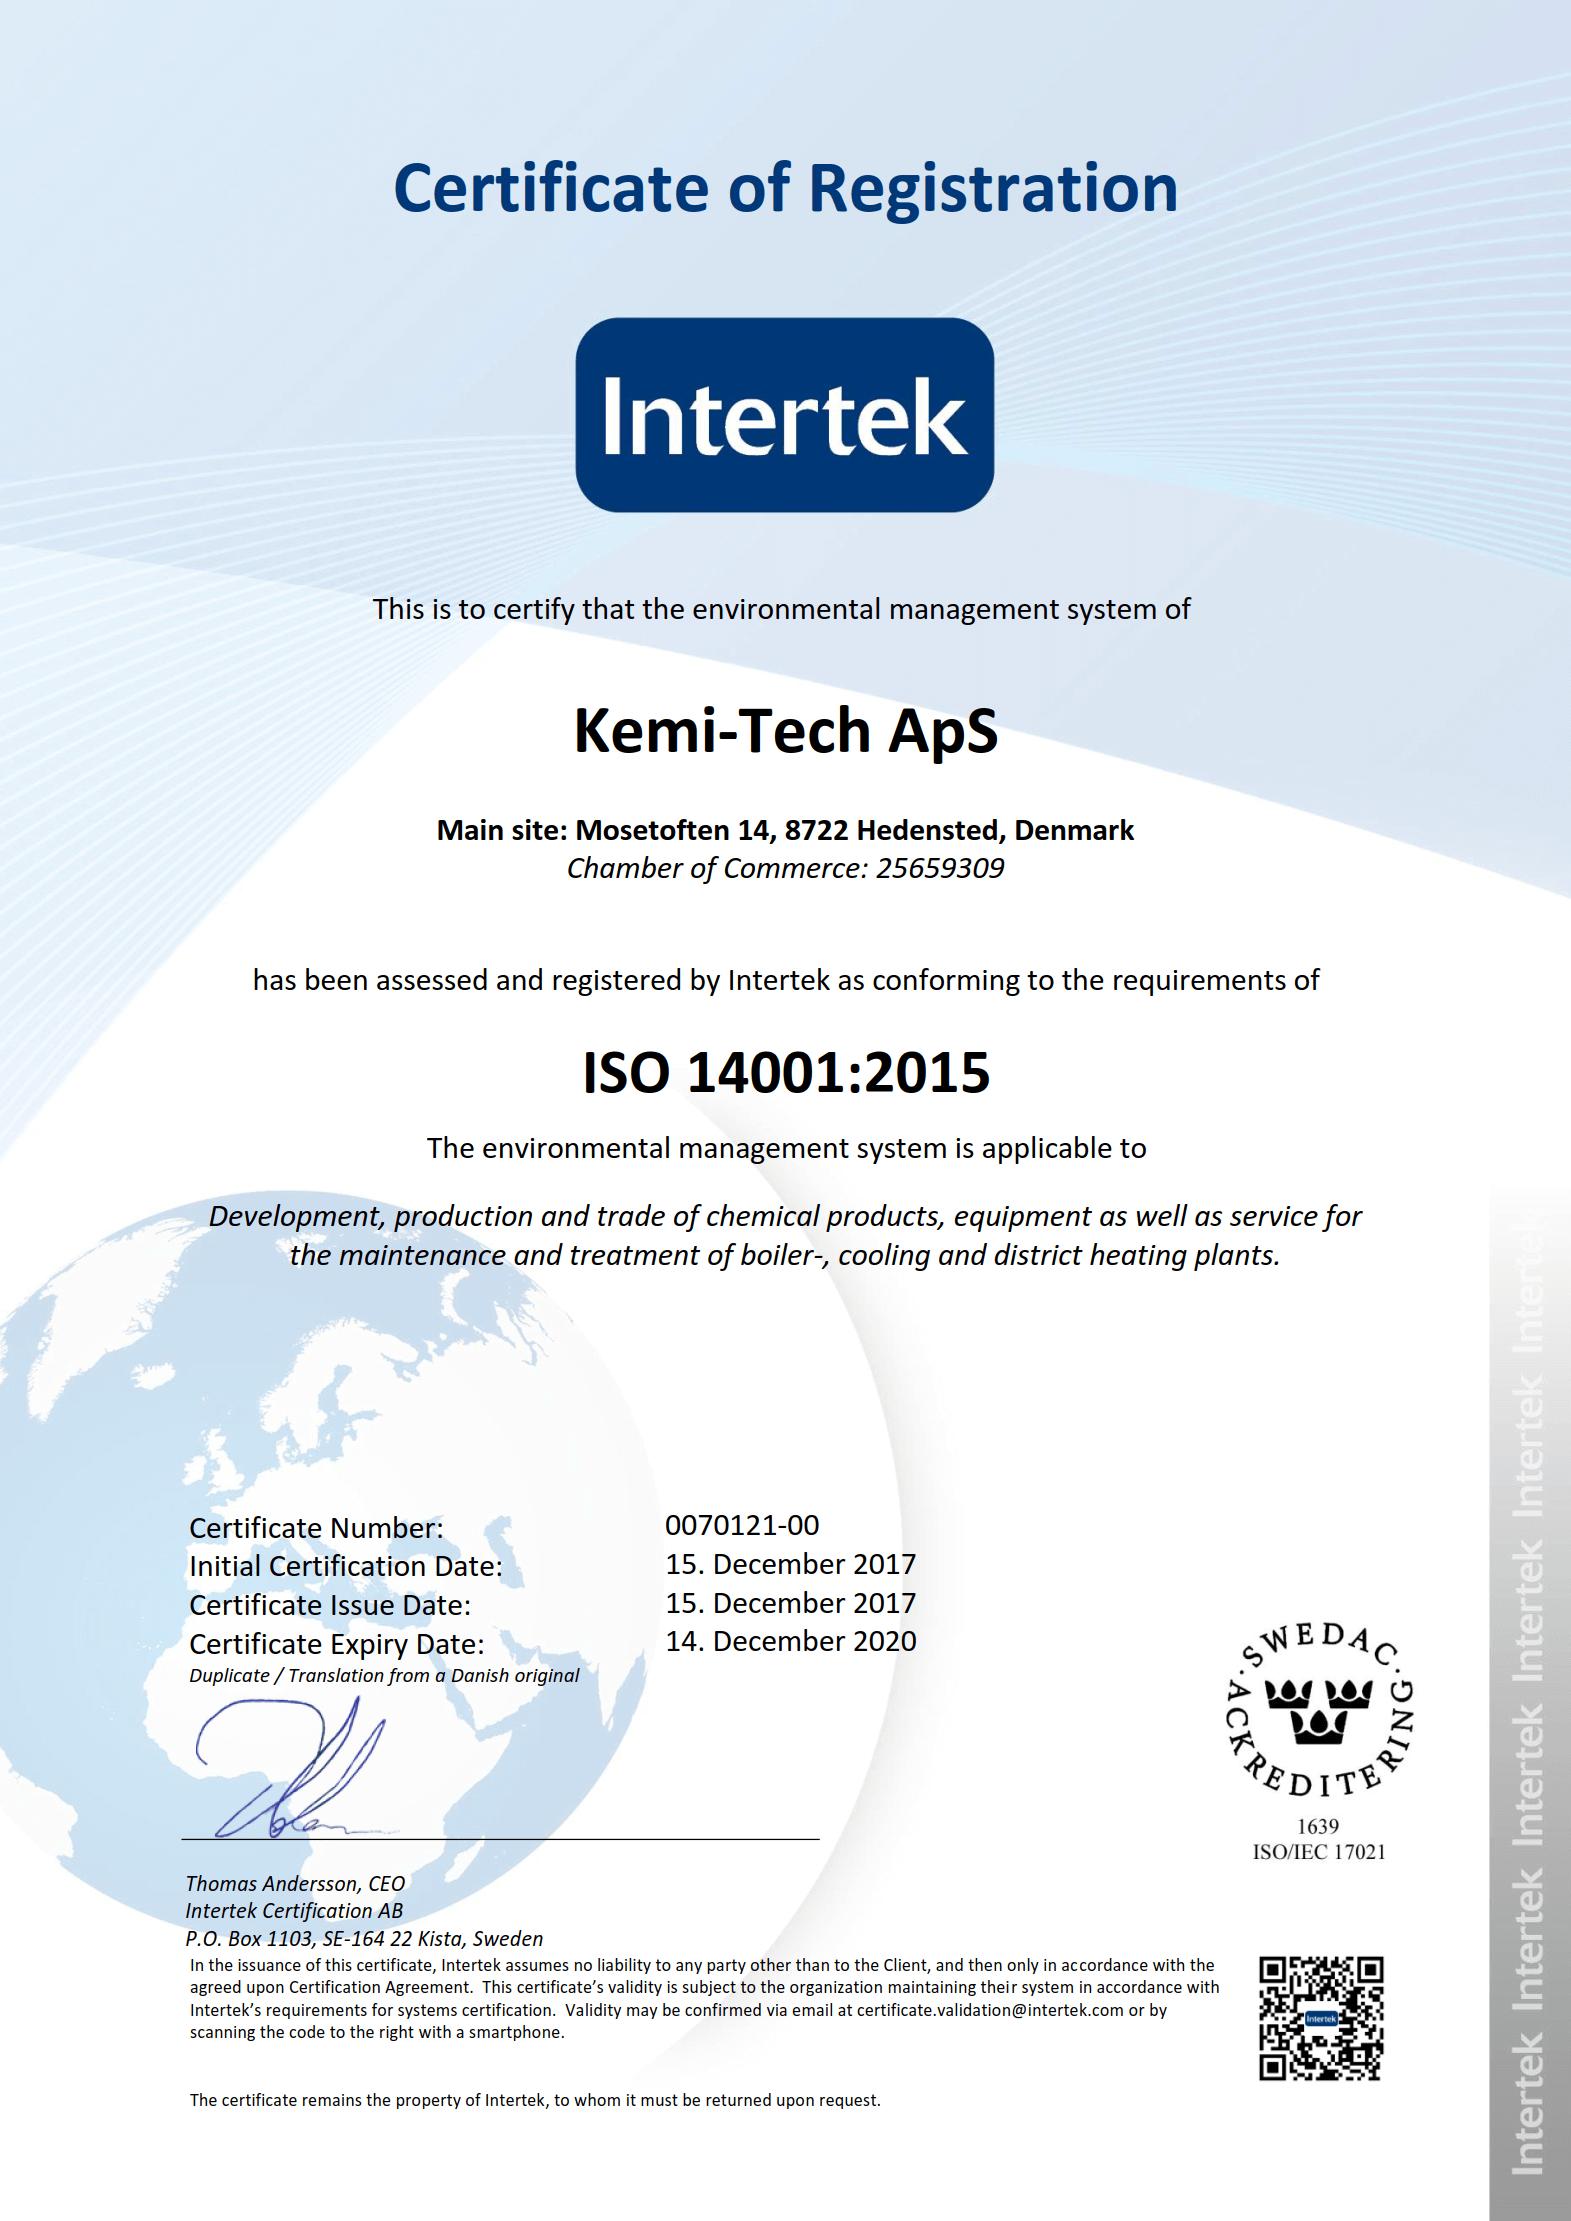 Kemi-tech ApS ISO14001:2015 certificate